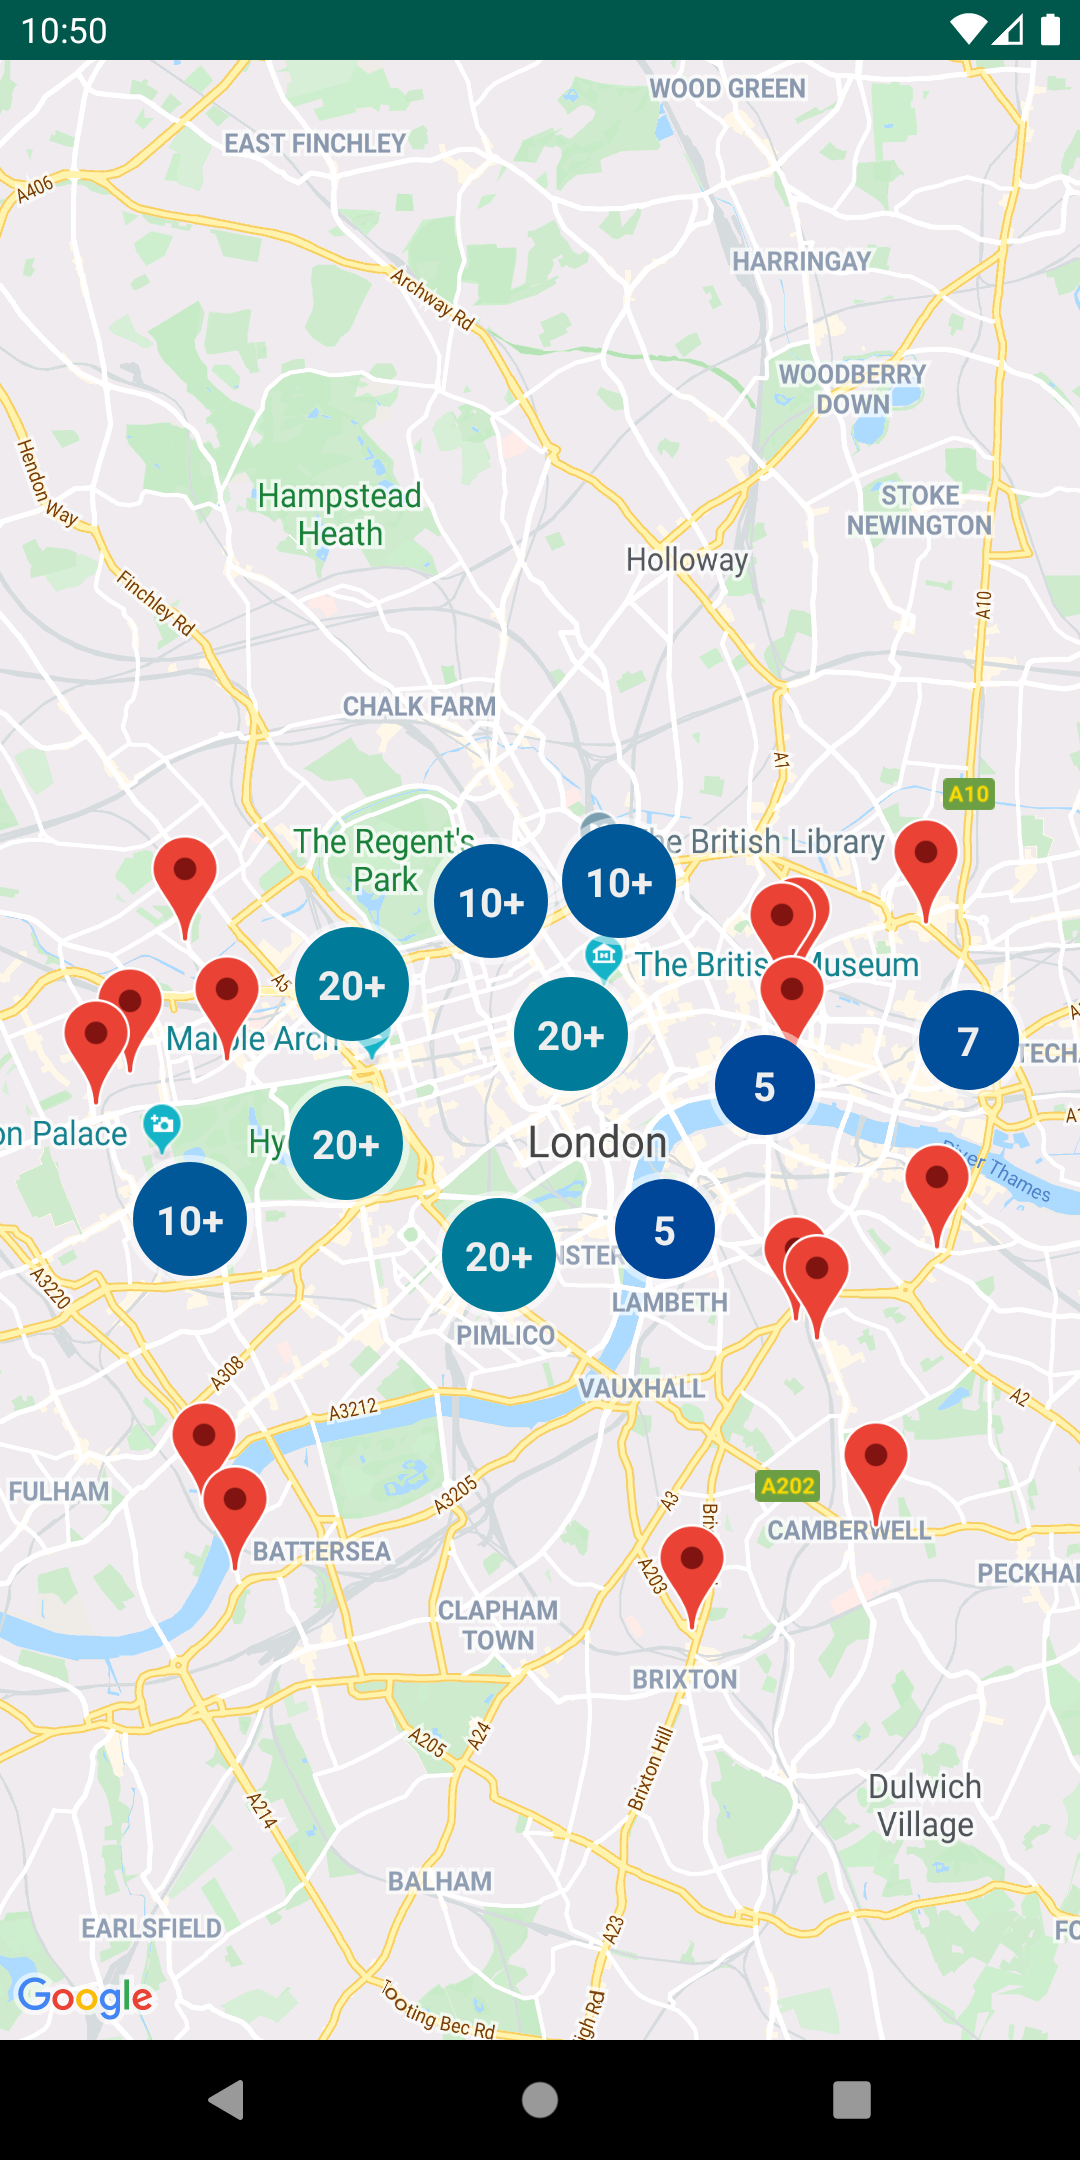 Um mapa com marcadores em cluster